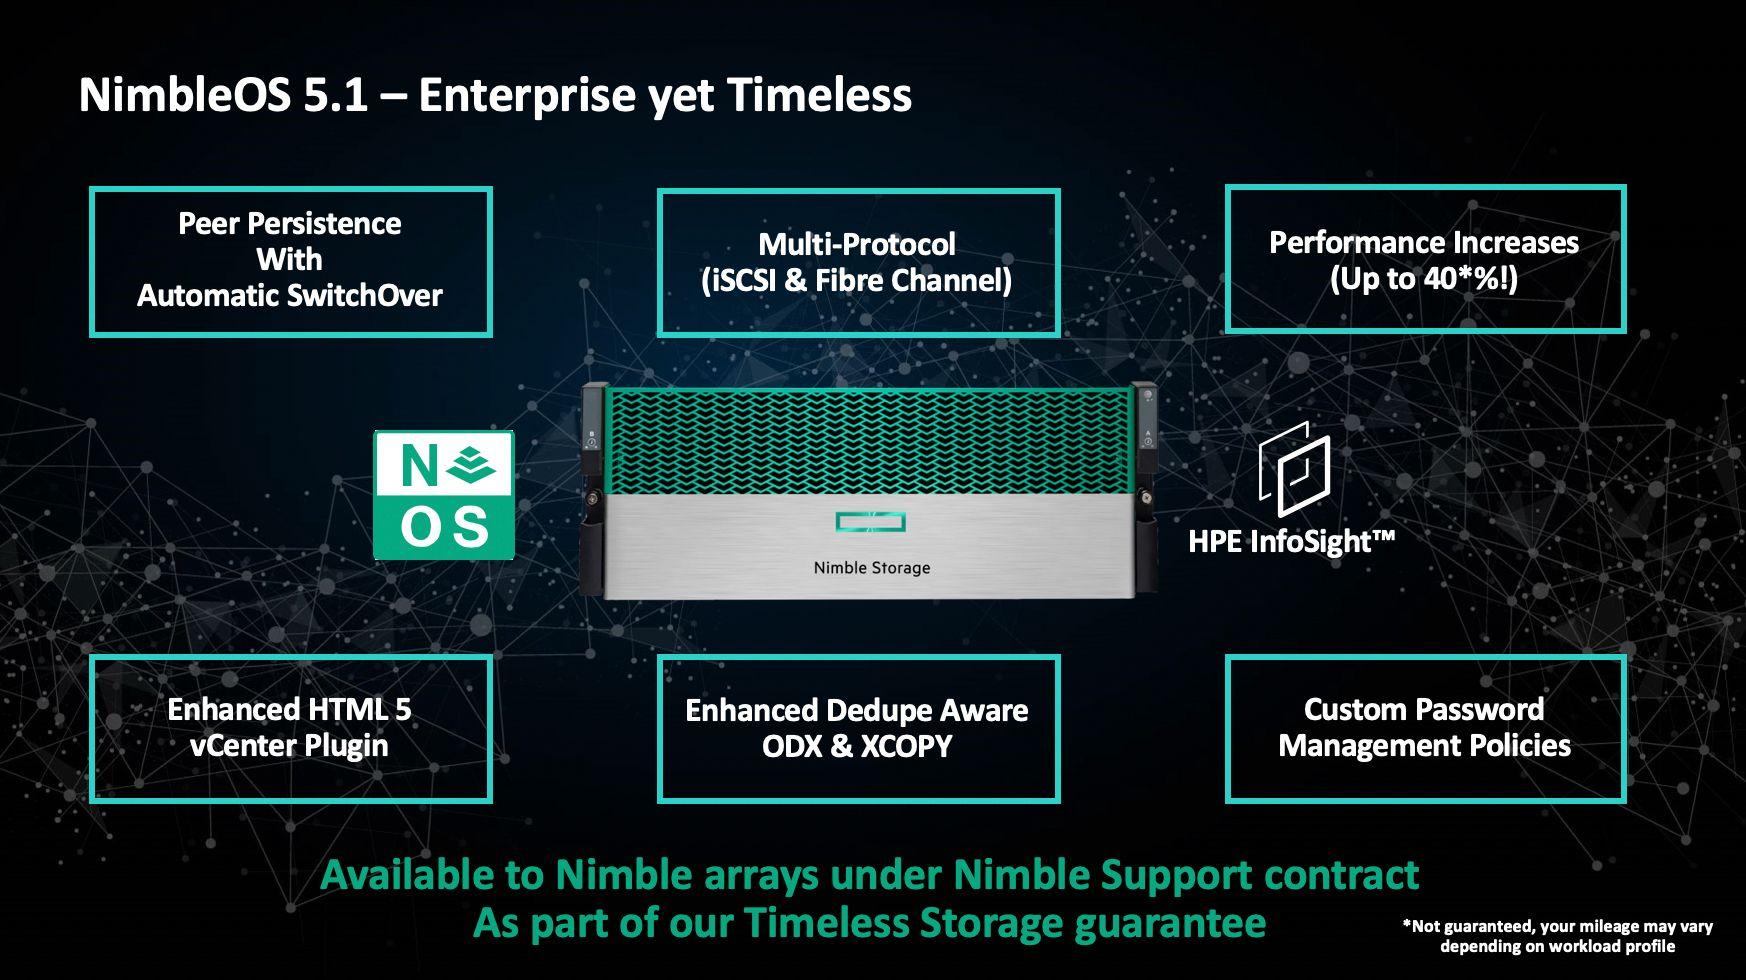 NimbleOS 5.1 Big Ticket Features